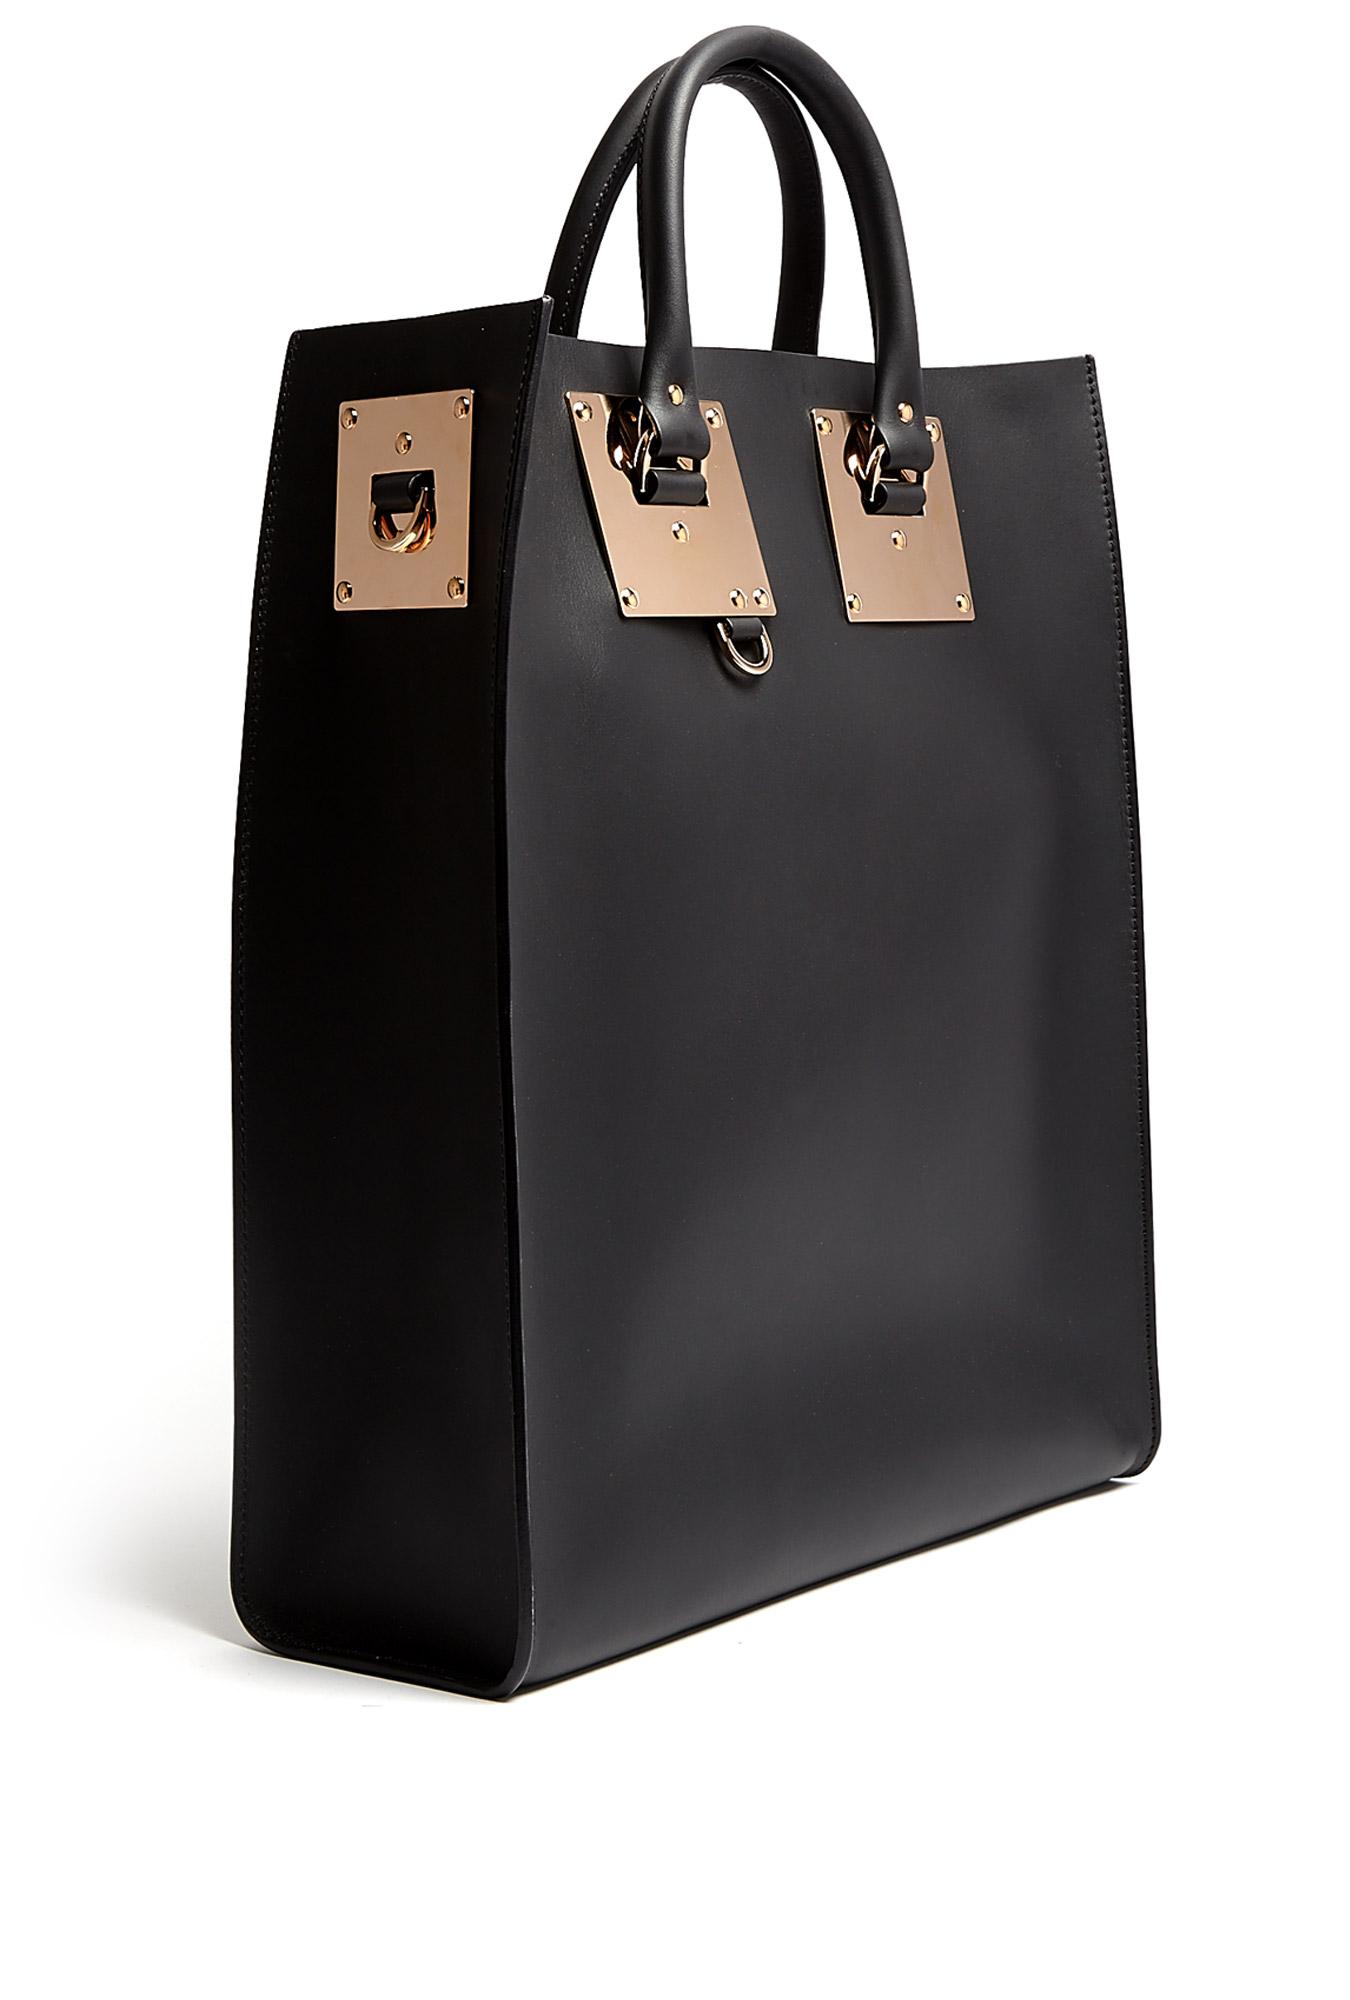 Sophie Hulme | Large Leather Tote Bag by Sophie Hulme